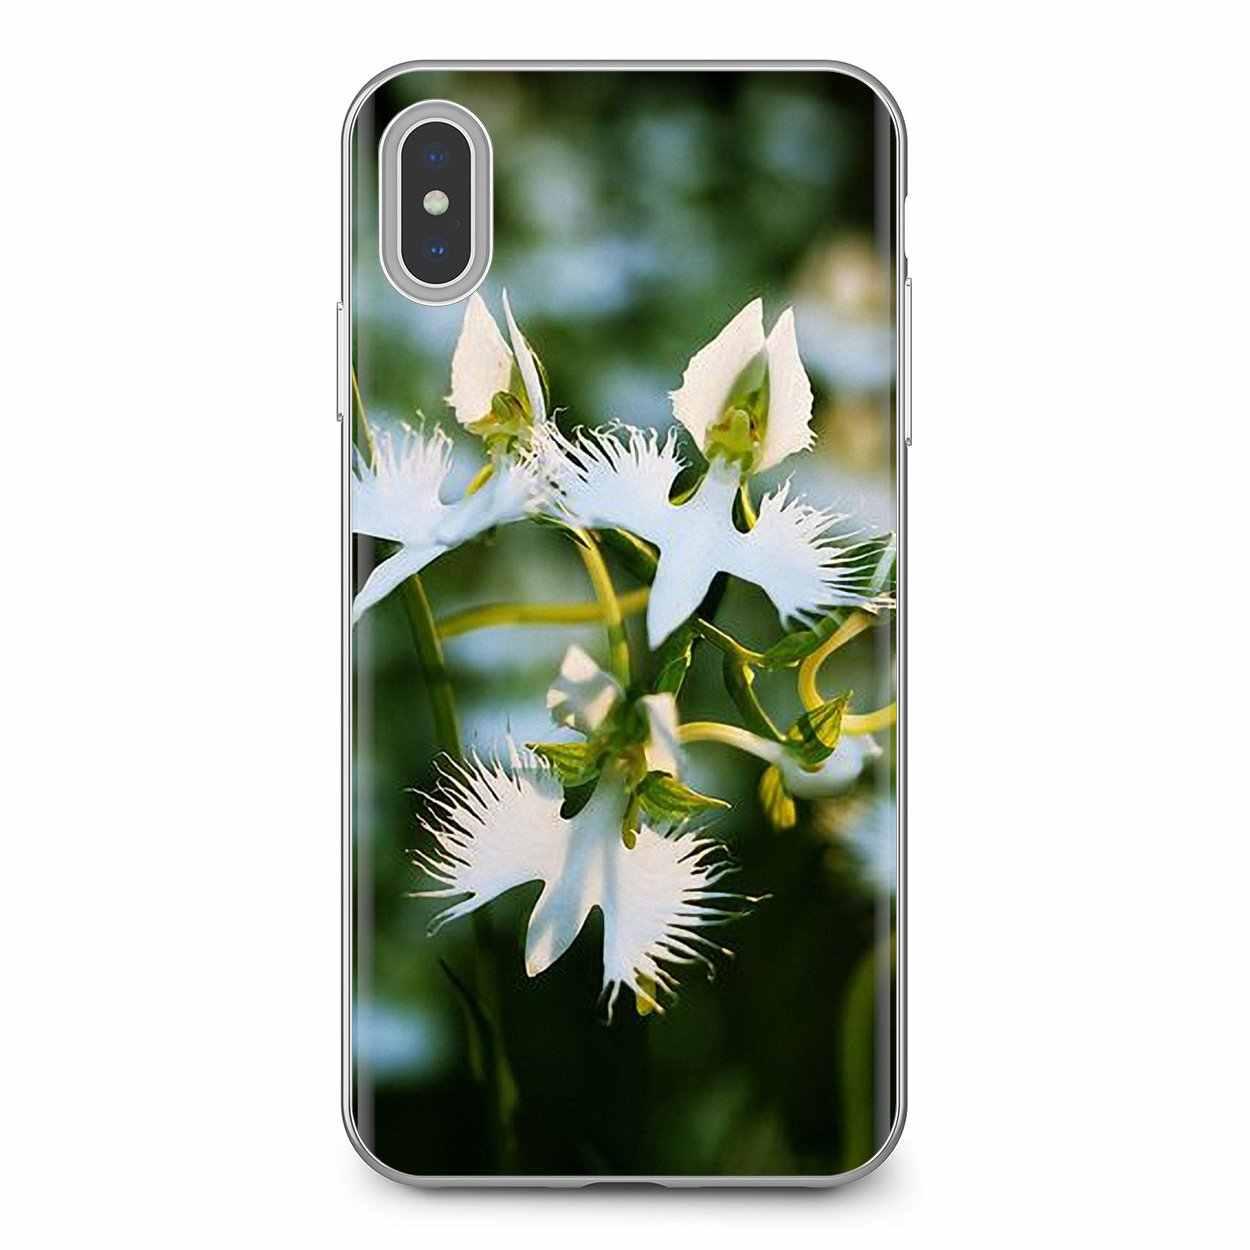 Dành Cho Samsung Galaxy Samsung Galaxy A10 A30 A40 A50 A60 A70 S6 Hoạt Động Note 10 Plus Edge M30 Silicone Trắng Cò hoa Lan Radiata